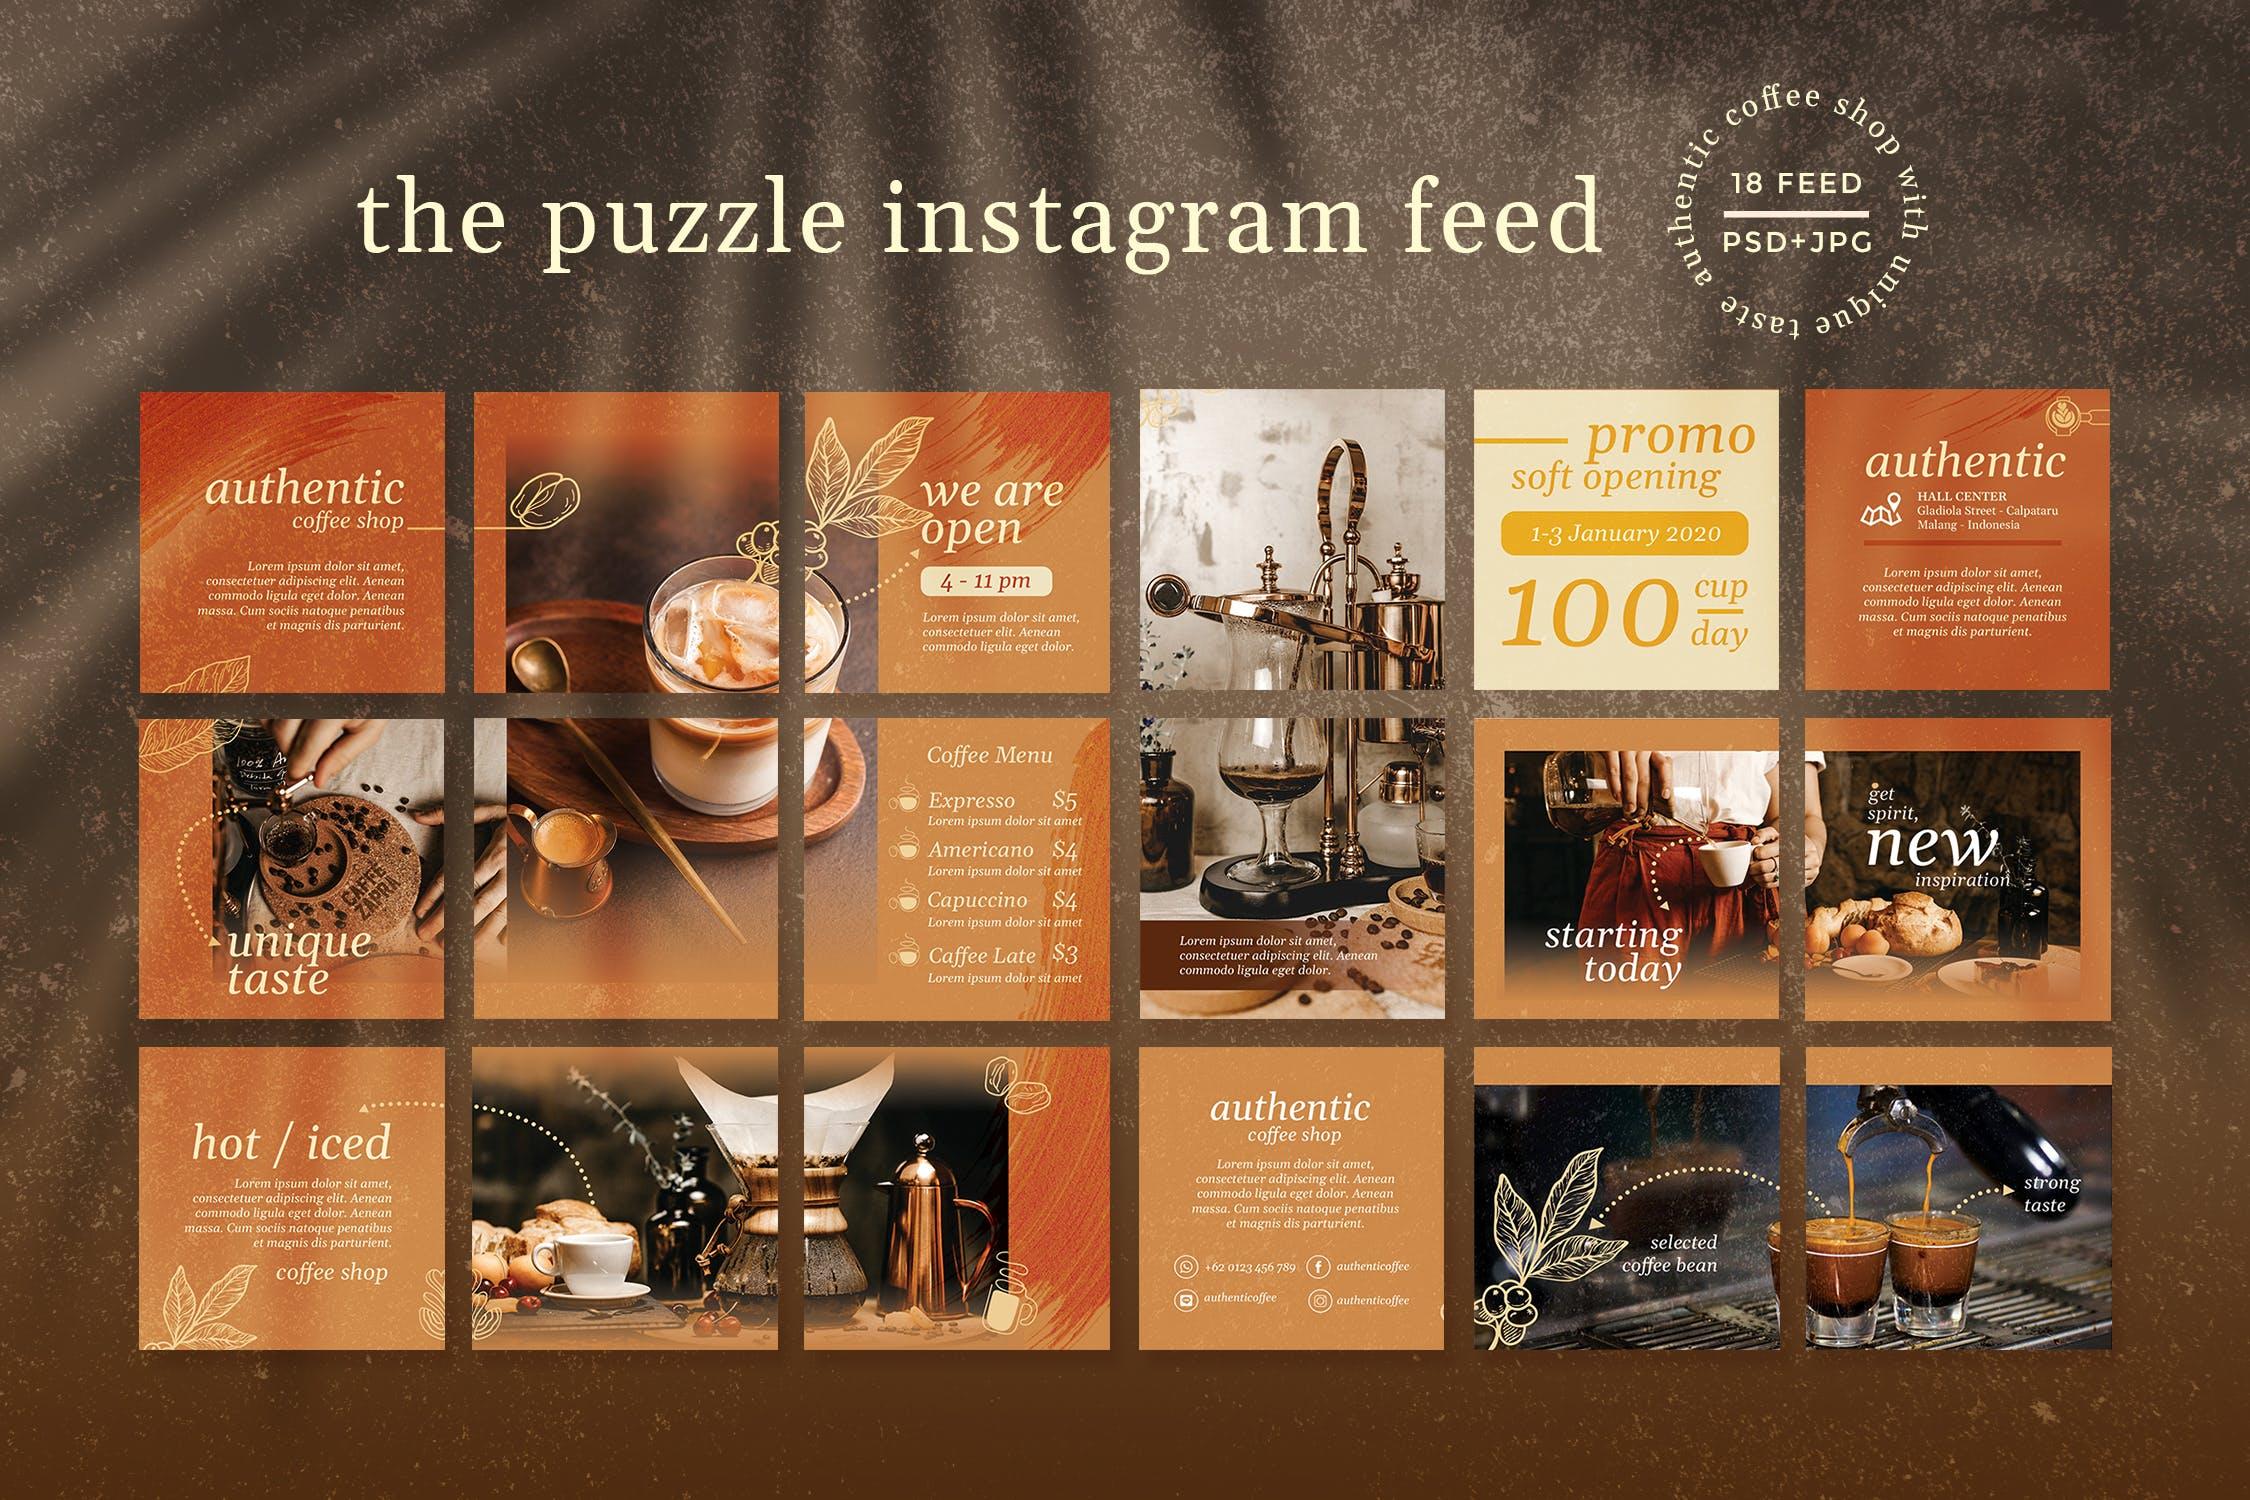 时尚咖啡店品牌推广新媒体海报设计模板 Autenthic Coffee Cafe – Instagram Puzzle插图(2)